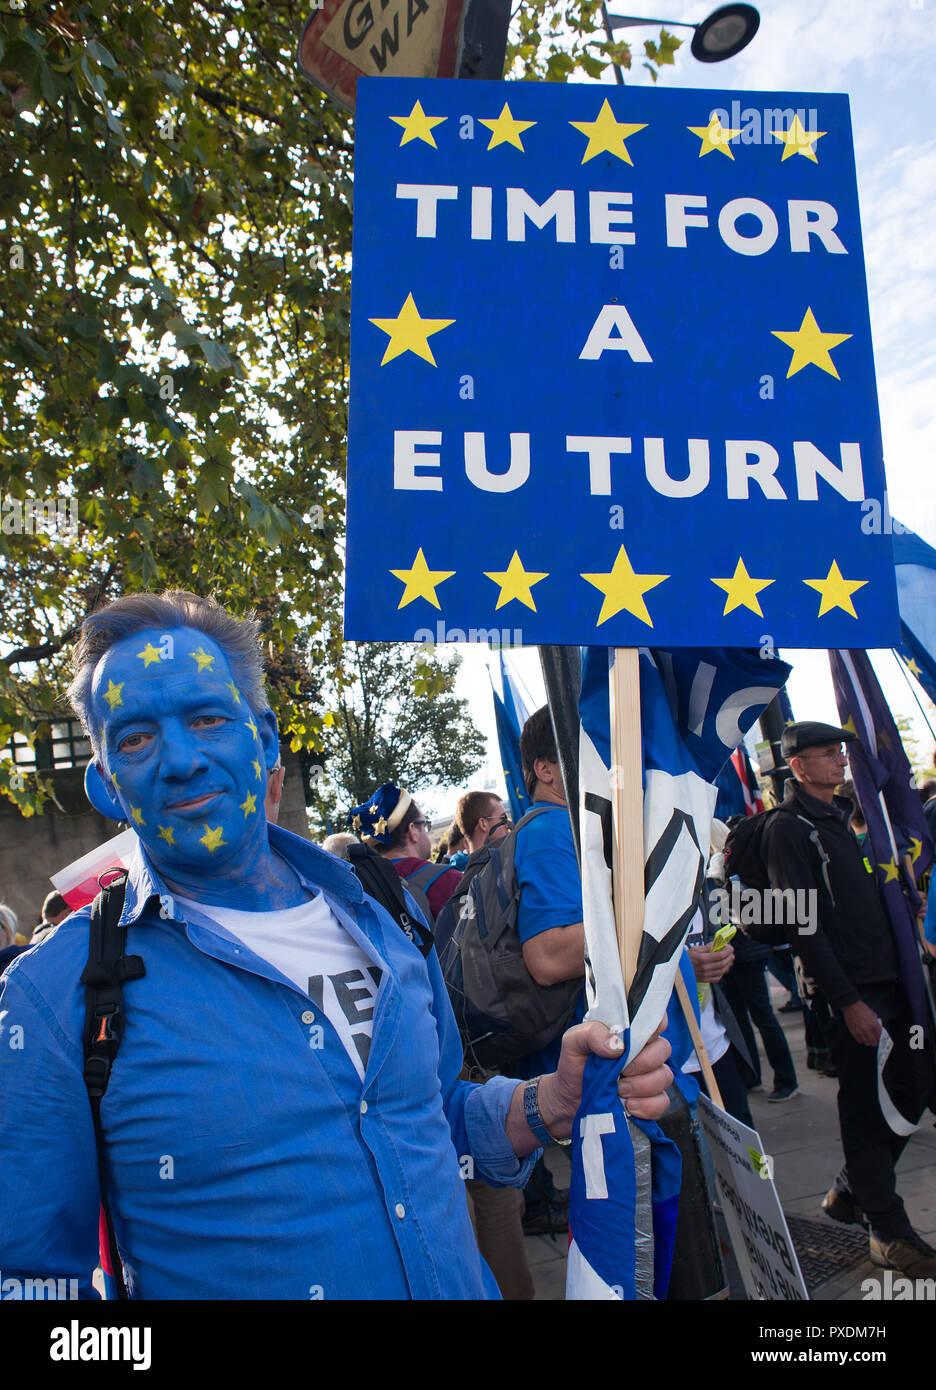 Siendo los manifestantes en la campaña voto popular de marzo, exigiendo un voto final sobre la Brexit tratar,miles de personas marcharon por el centro de Londres para ser escuchado. Foto de stock